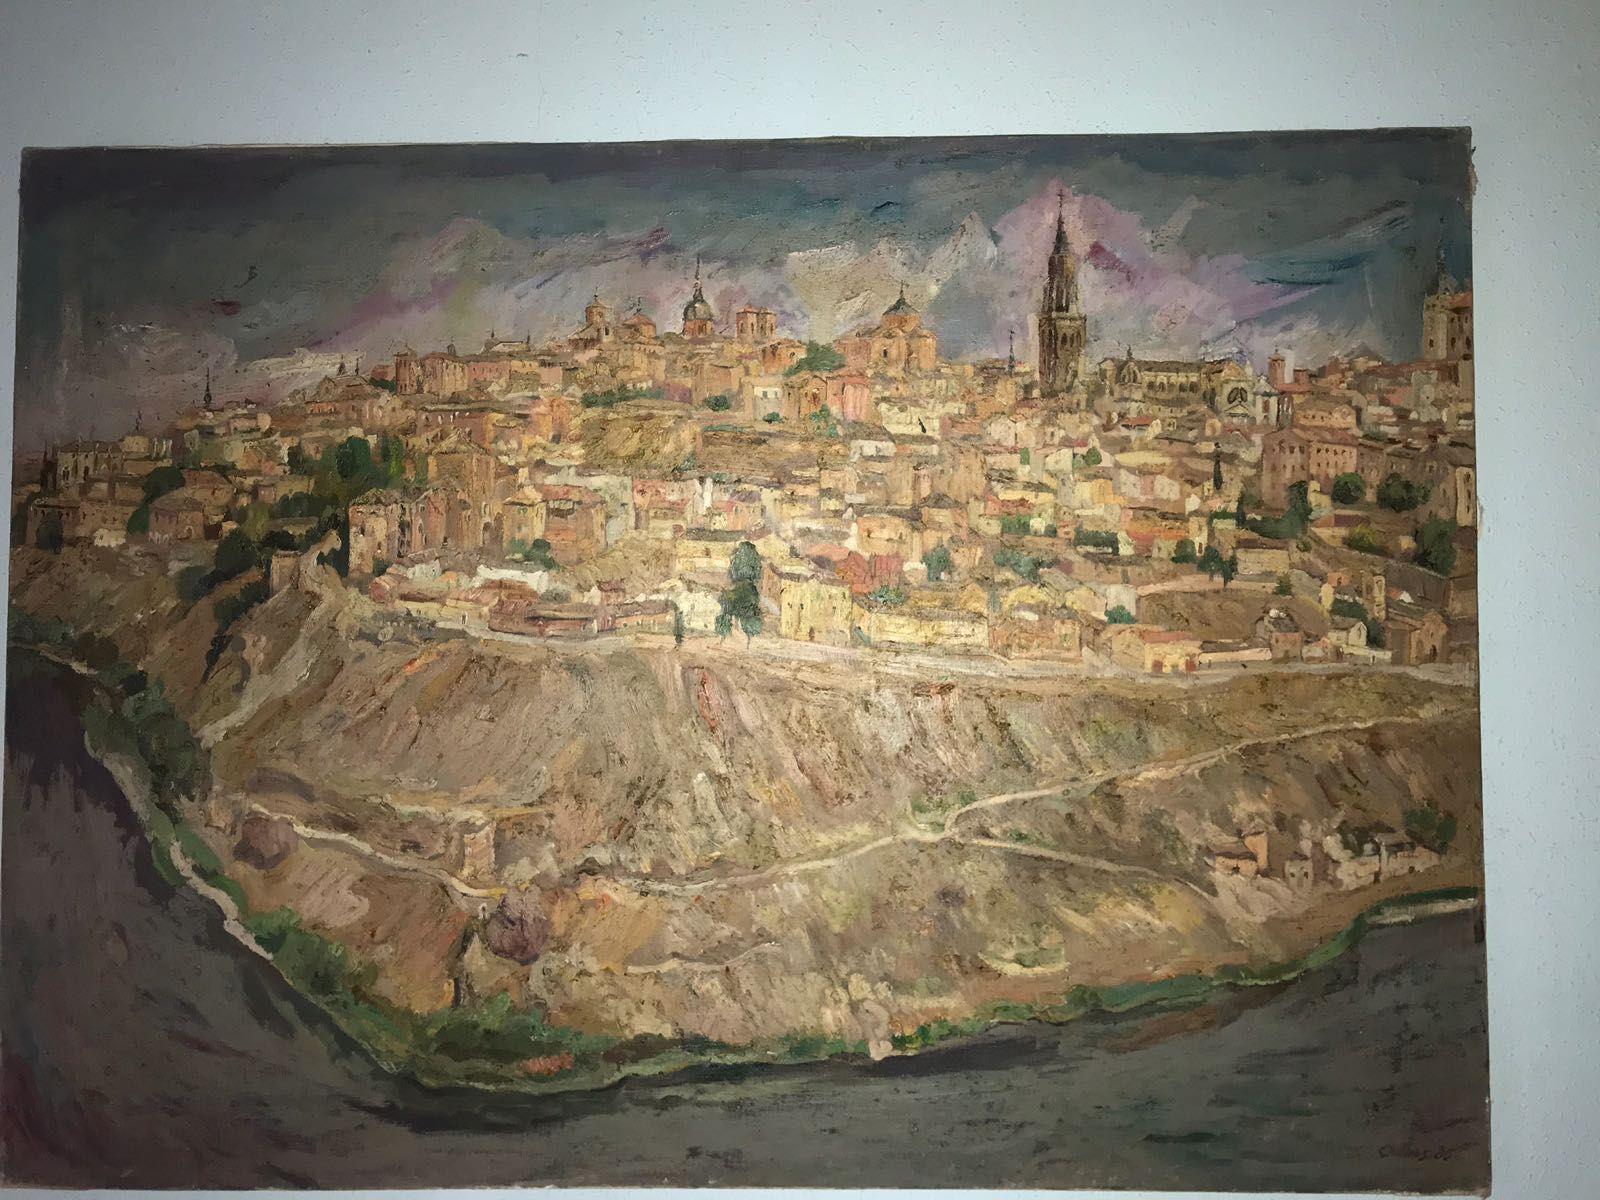 Foto 21 de Galerías de arte y salas de exposiciones en Cartagena | Arte & Antigüedades Federico Robles Perez